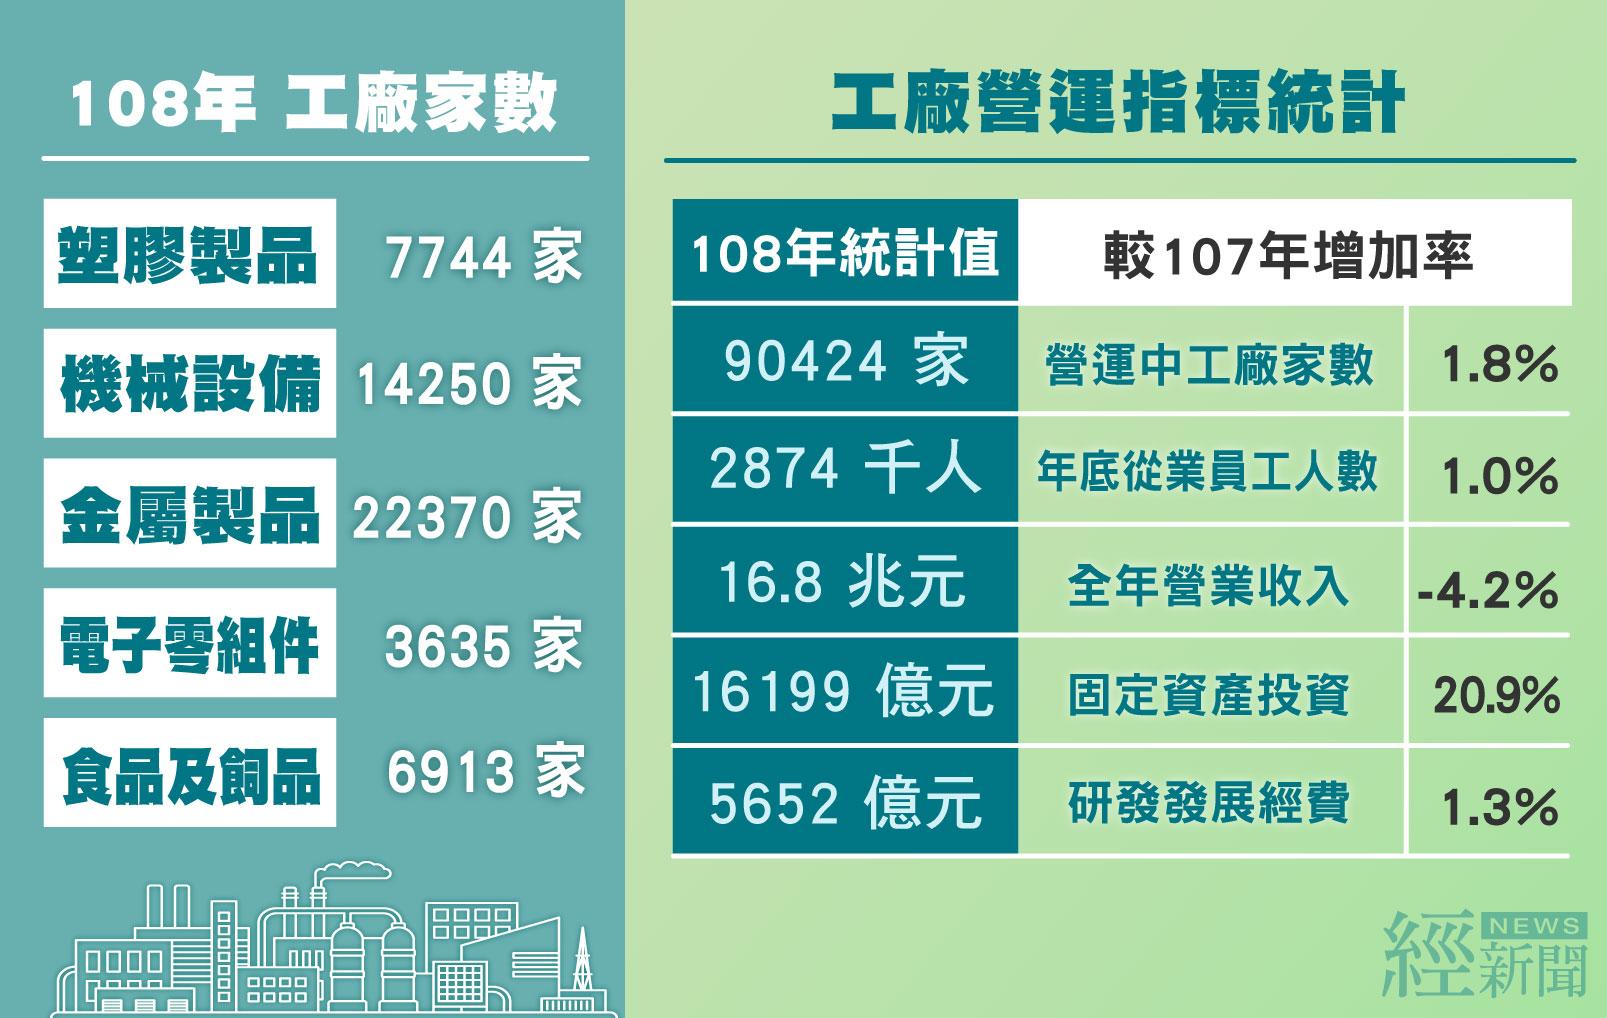 109年工廠校正及營運調查最終統計發布(108年資料)